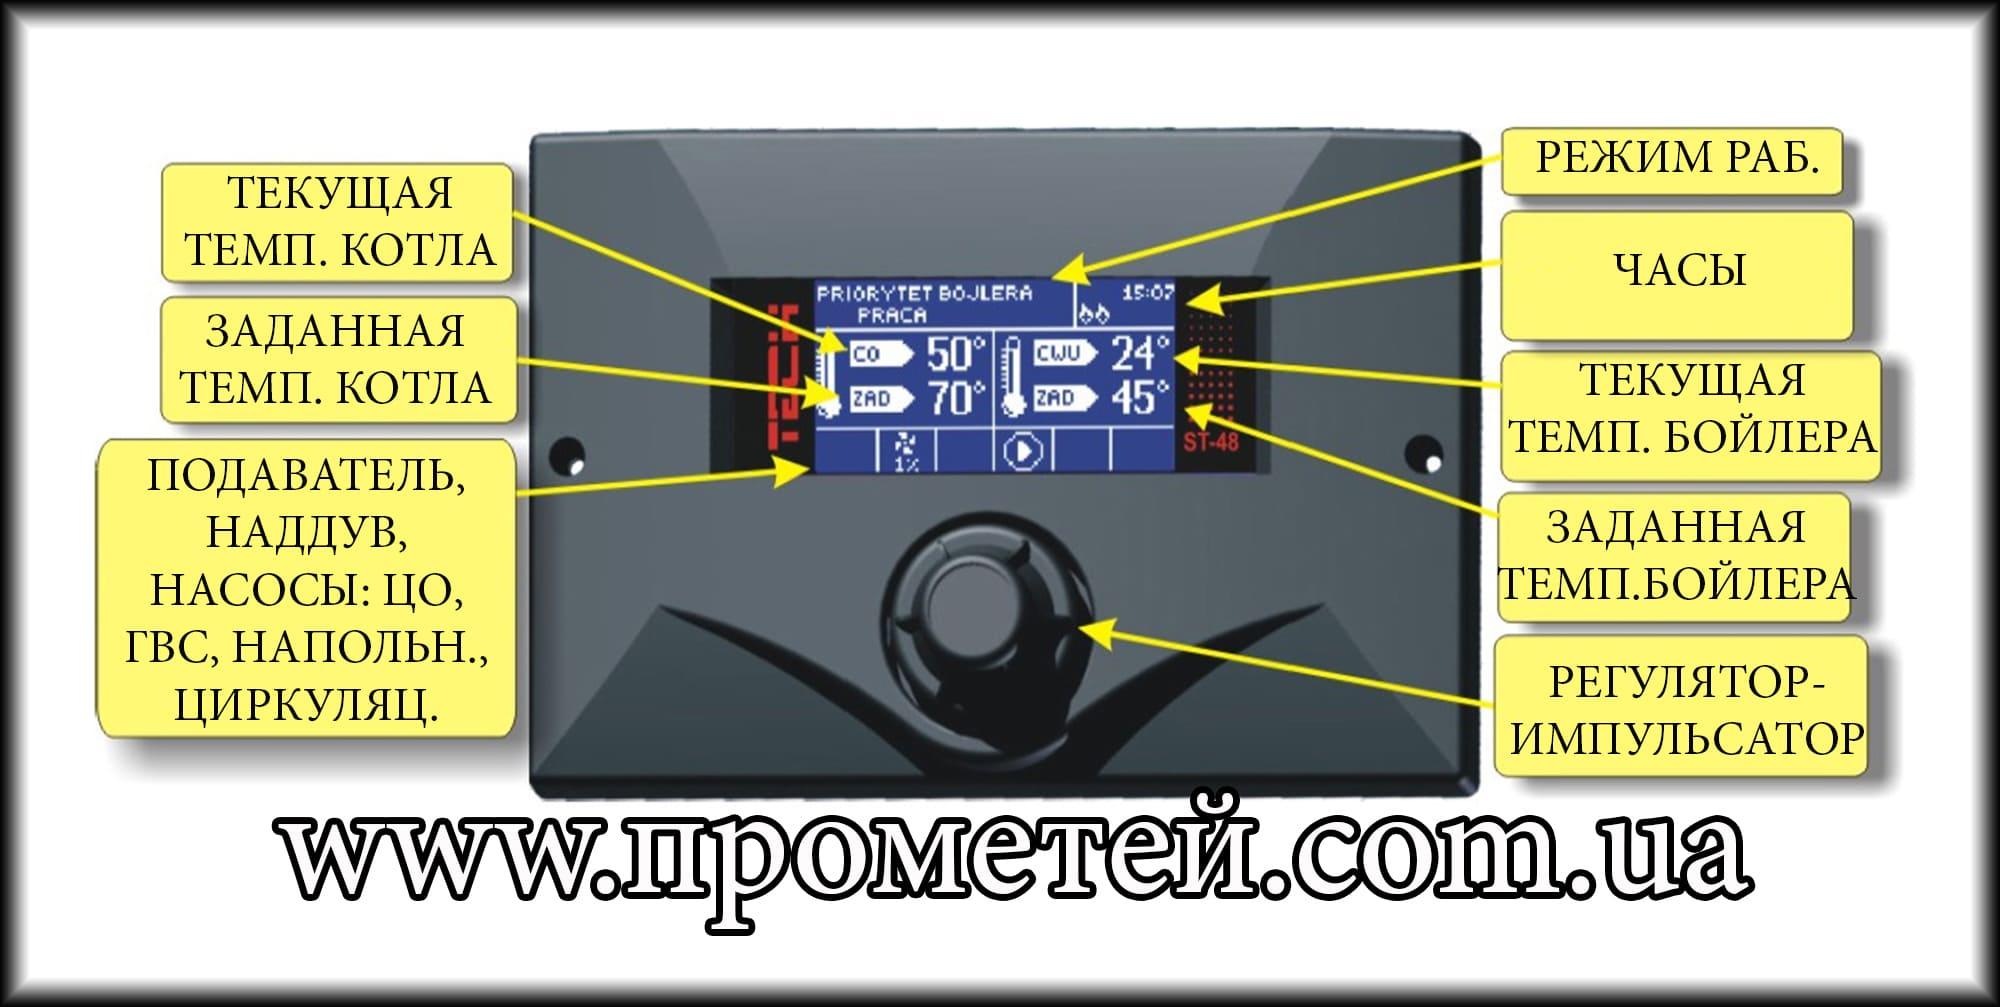 Контроллер Теч СТ-48: лицевая панель